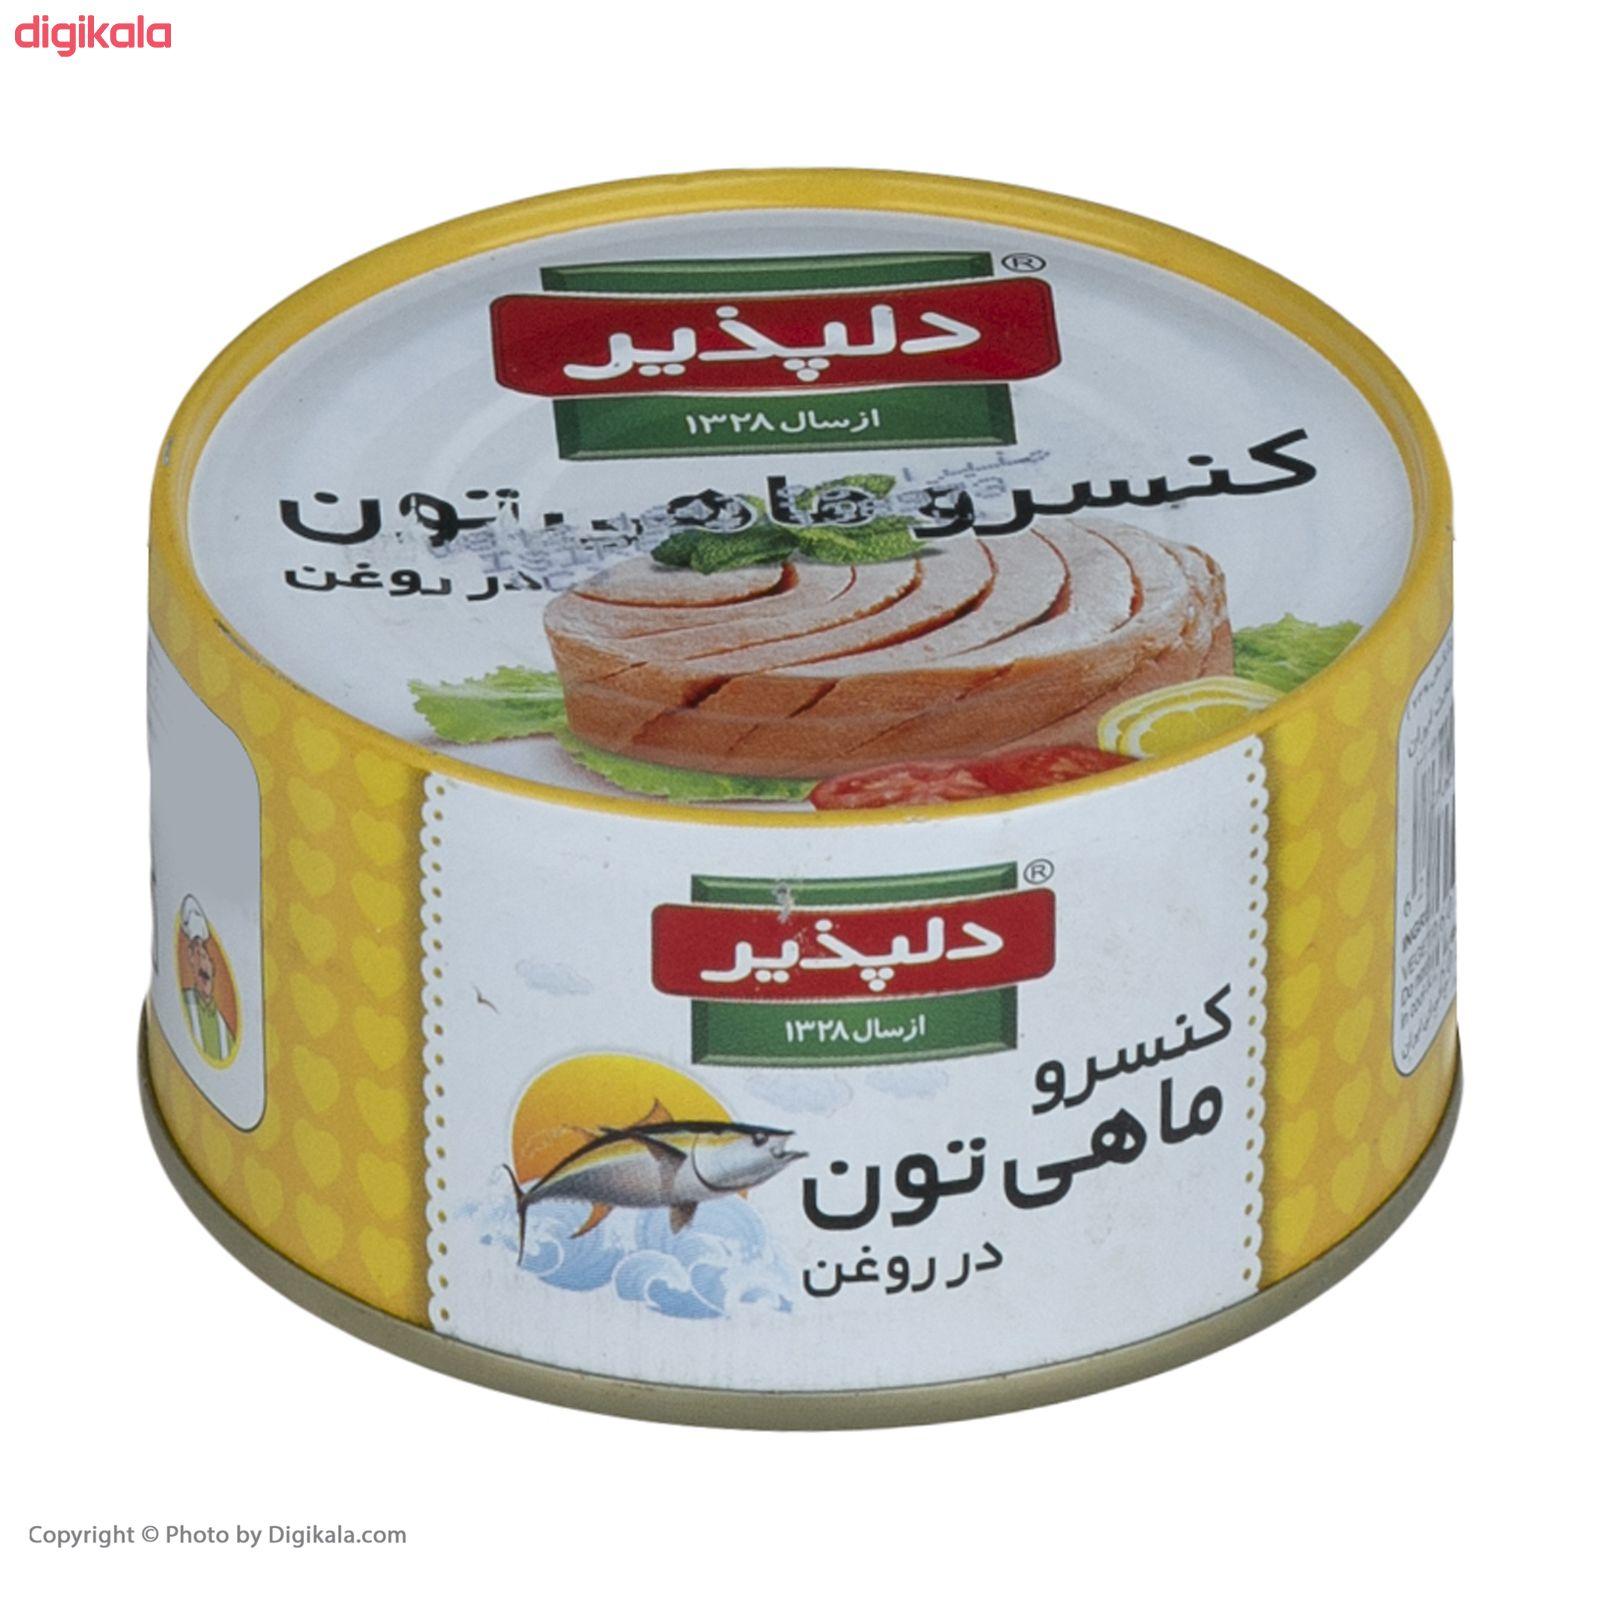 کنسرو ماهی تن دلپذیر مقدار 180 گرم main 1 2